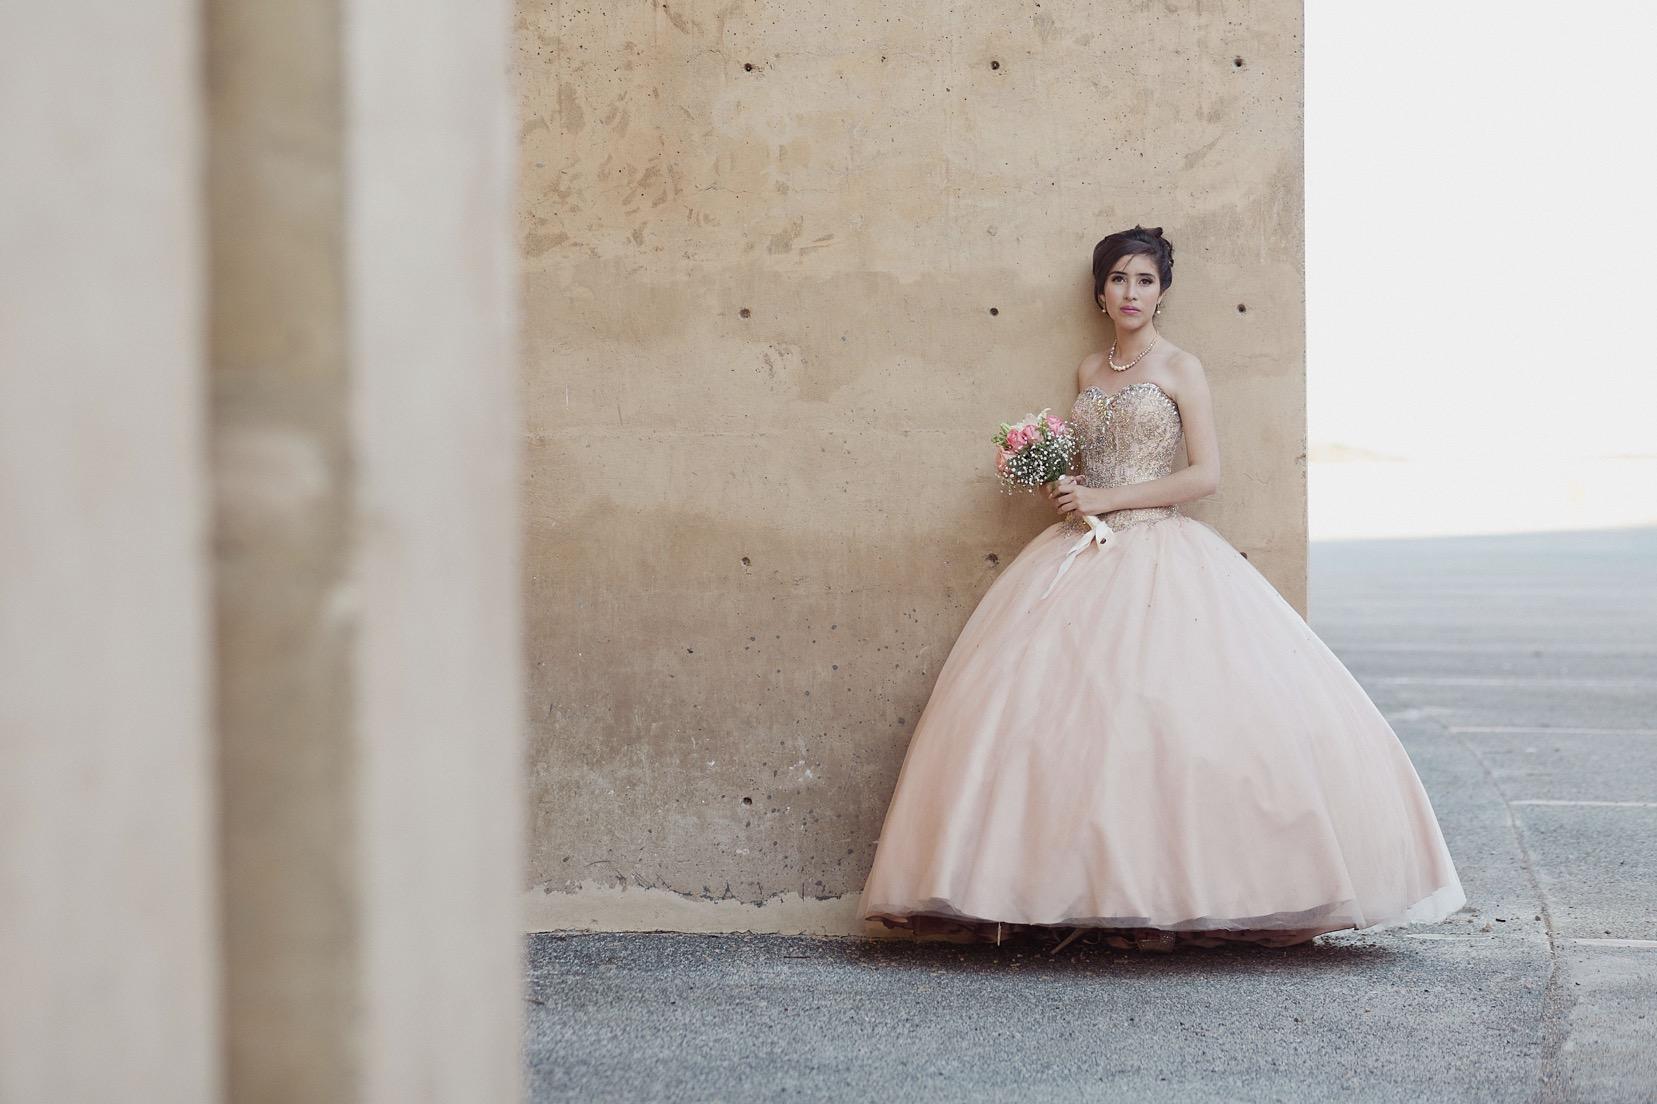 fotografos_profesionales_zacatecas_bodas_xvaños-15